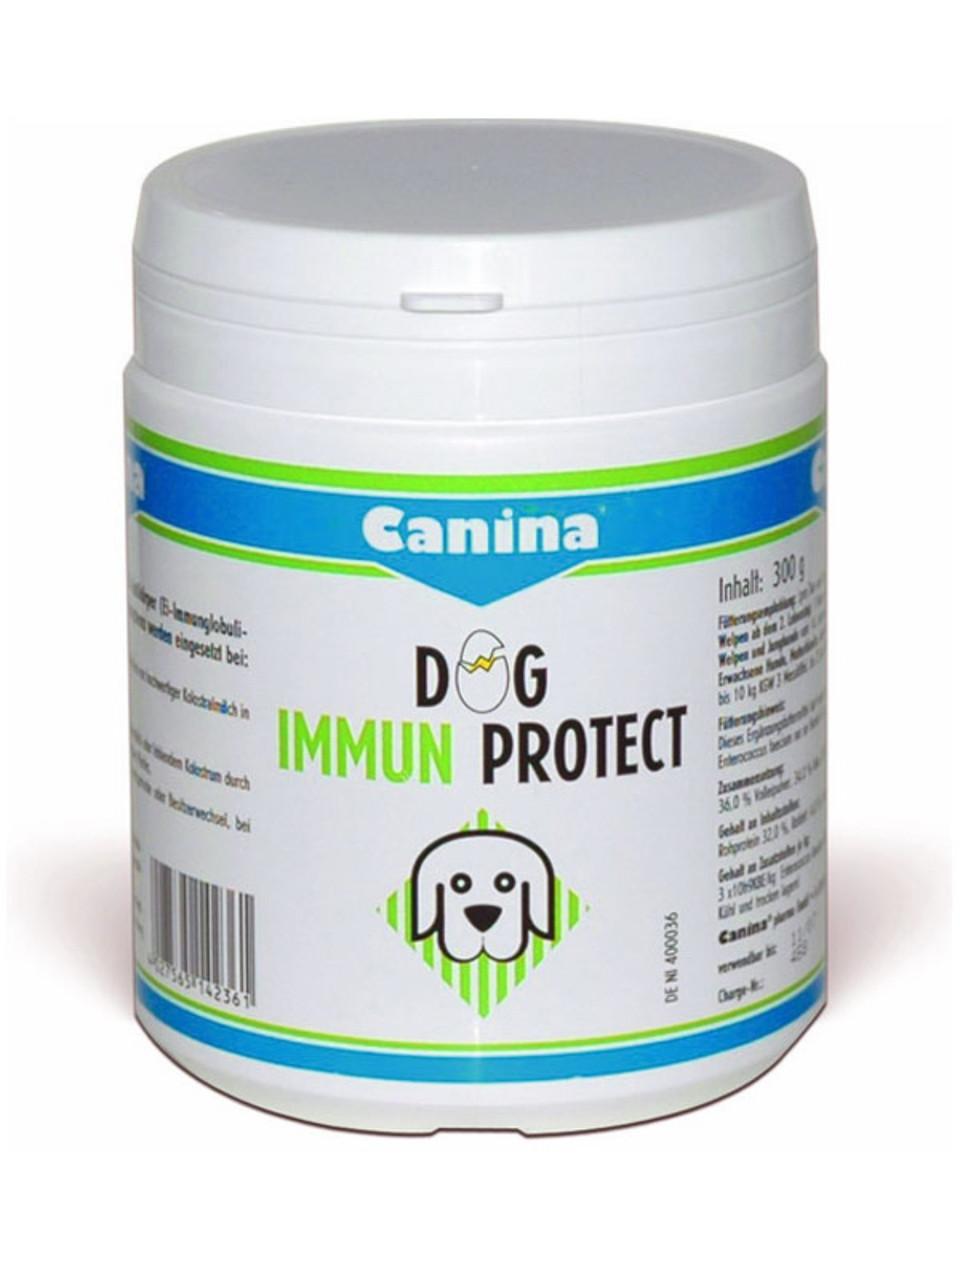 Dog Immun Protect иммунитет и здоровый кишечник, 300г - Зоо-Опт, интернет зоомагазин в Харькове